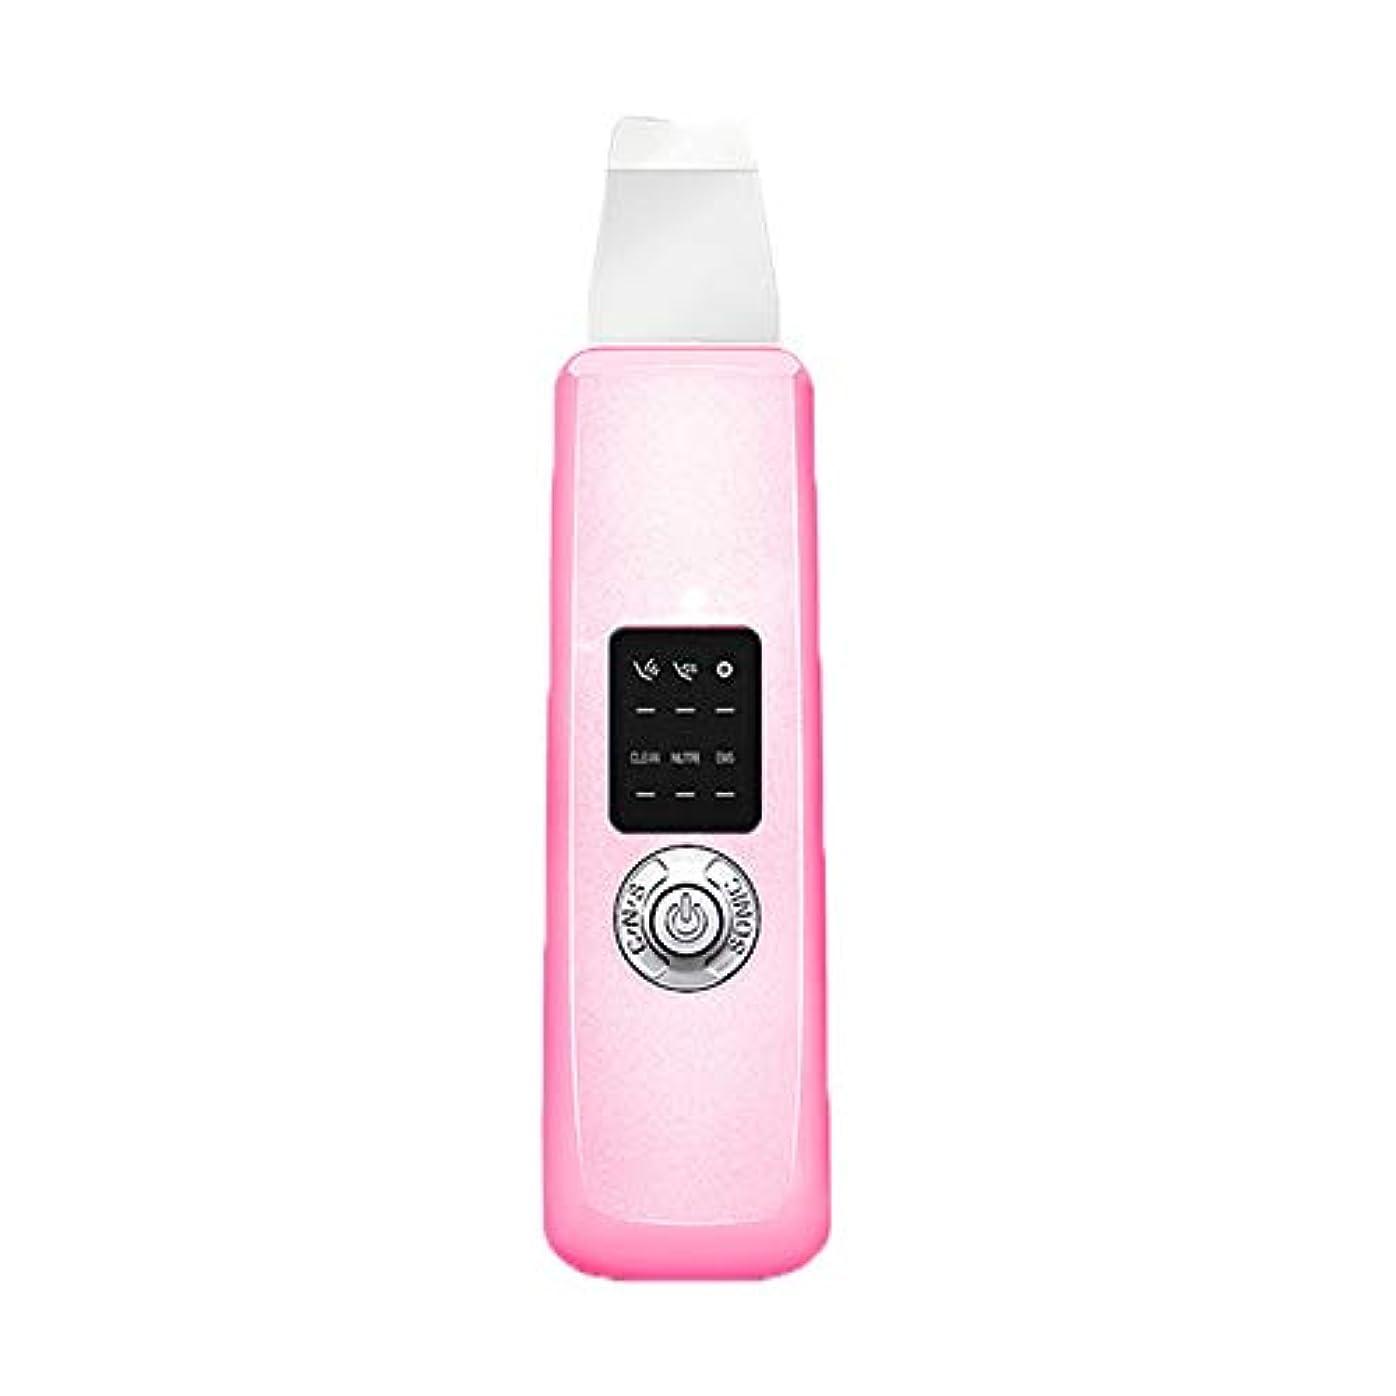 ブレスジャングル三にきび除去剤、にきび毛穴クリーナーにきびに電気吸引ブラックヘッドアーティファクト電子美容洗剤,ピンク